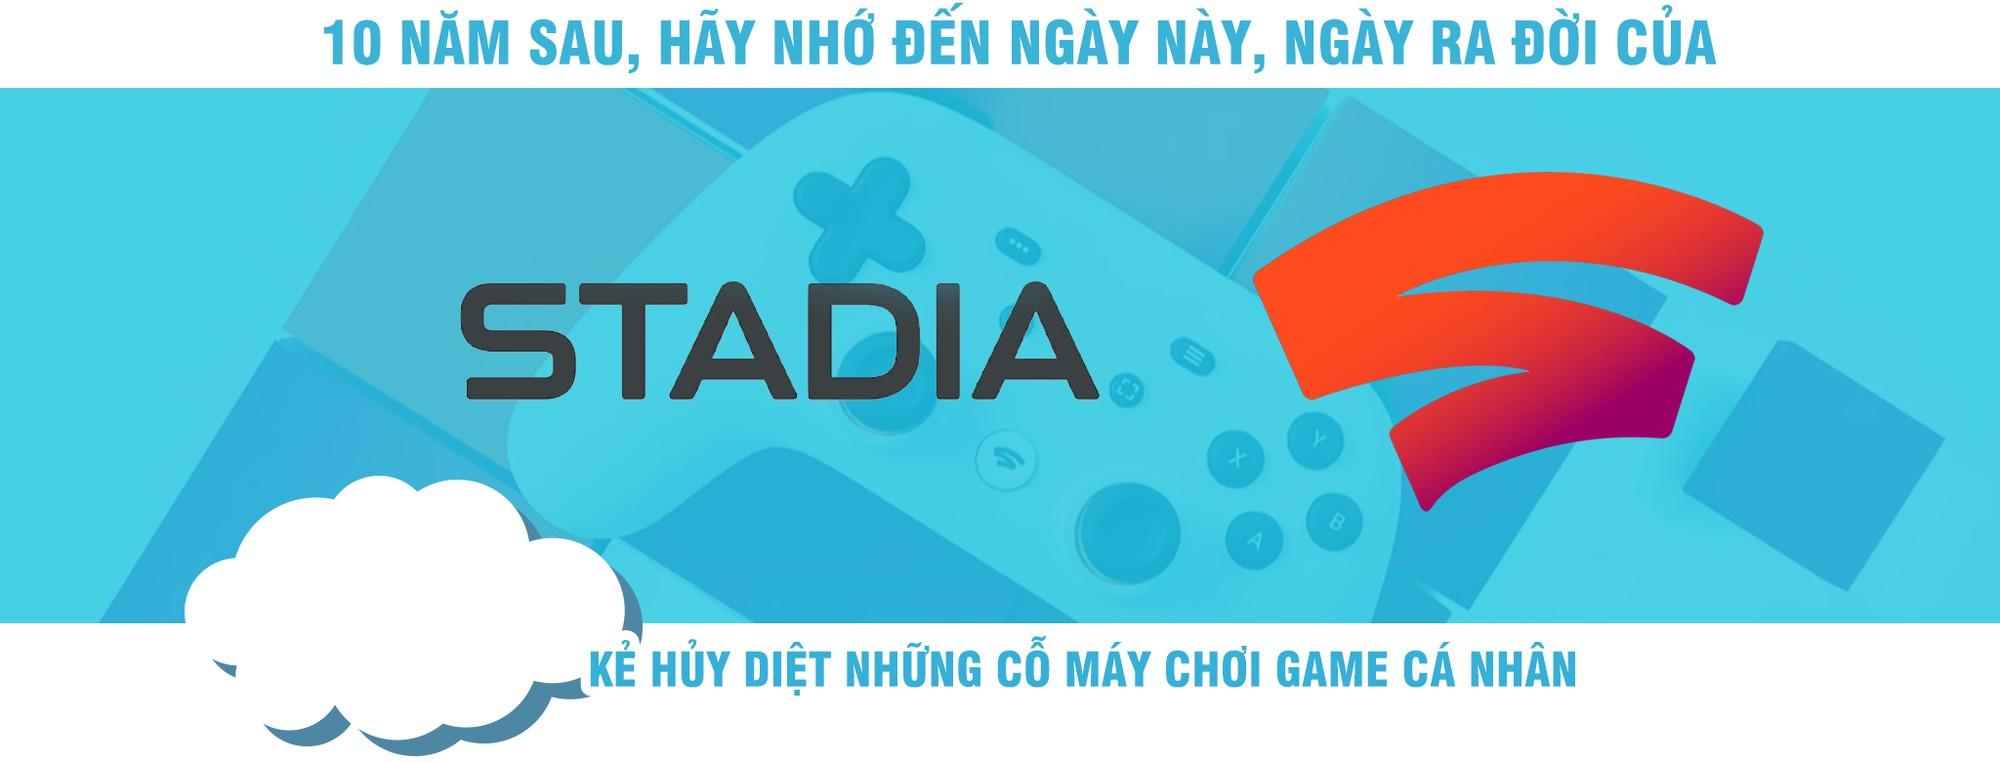 10 năm sau, hãy nhớ đến ngày này, ngày ra đời của Stadia – Kẻ hủy diệt những cỗ máy chơi game cá nhân - Ảnh 1.